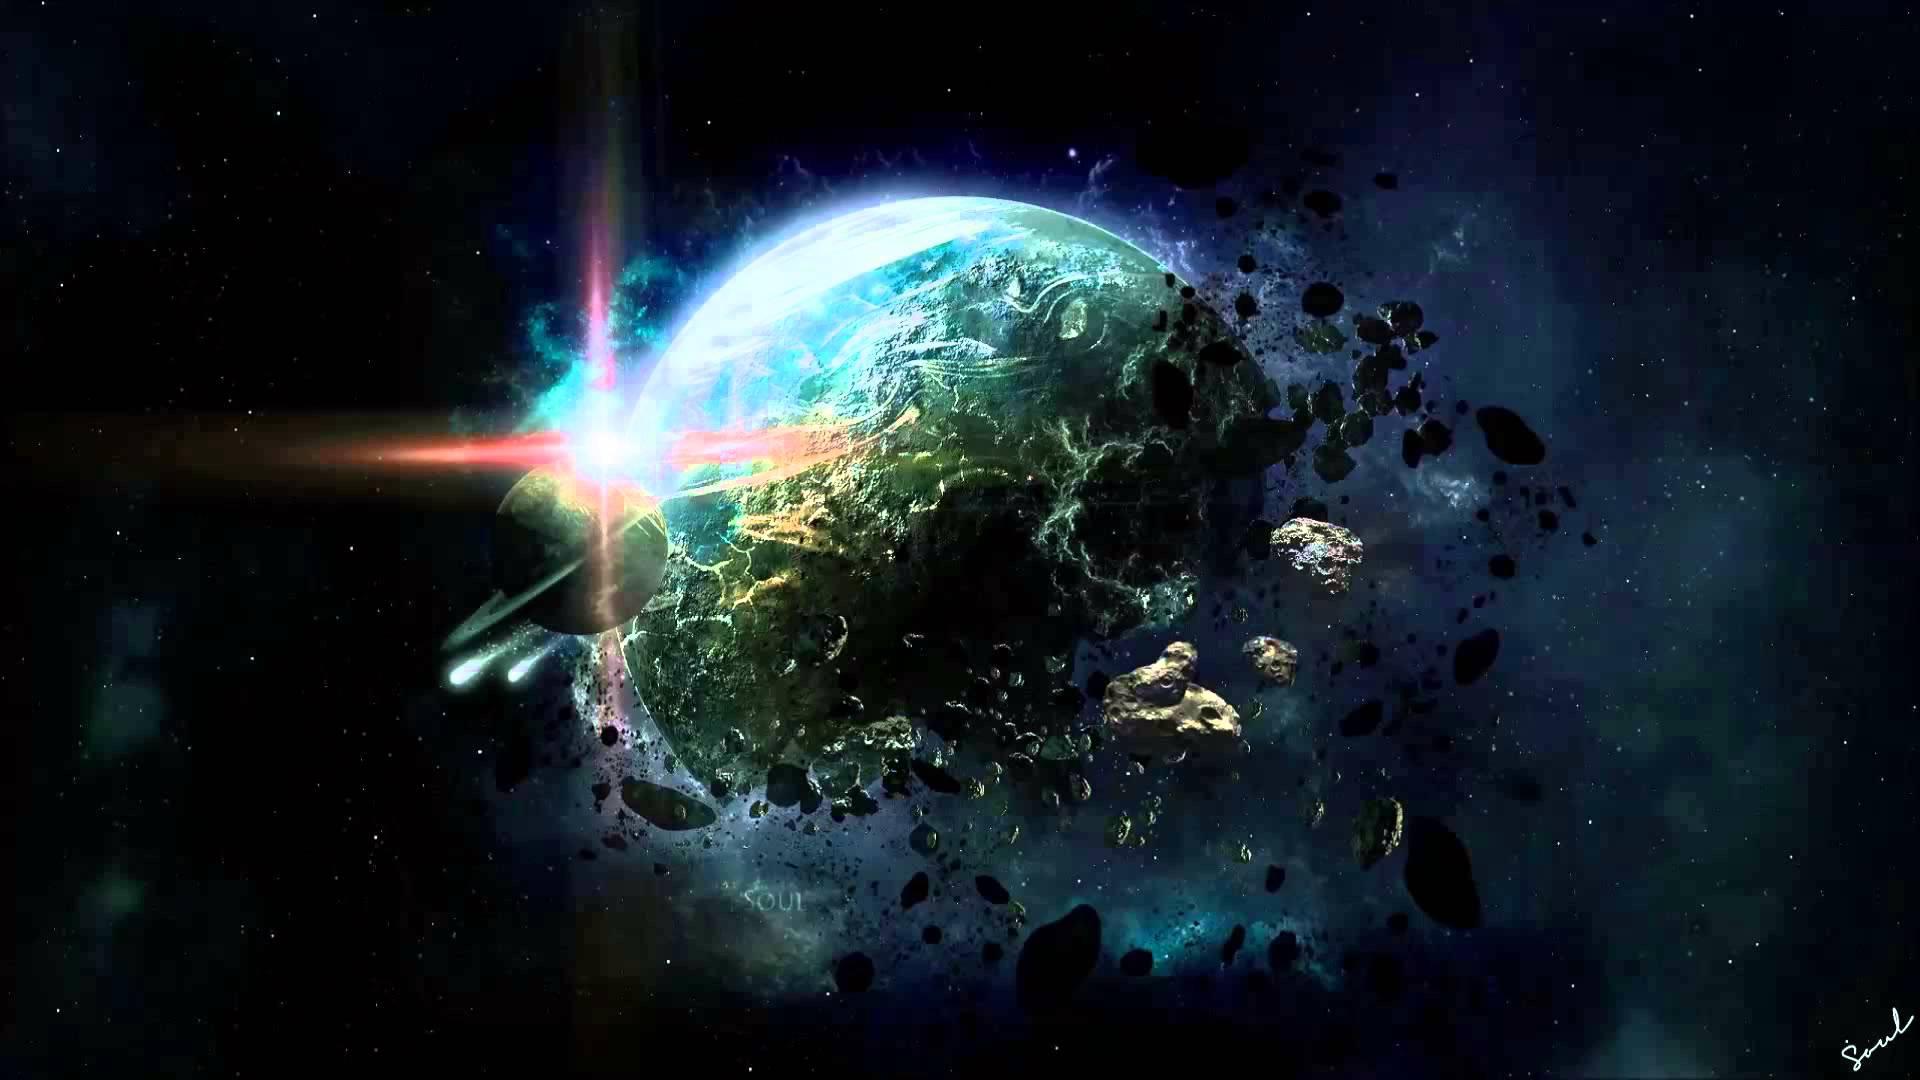 Desde la Virgen María Hasta los Científicos creen que Existe un Planeta Oculto [en el sistema solar]